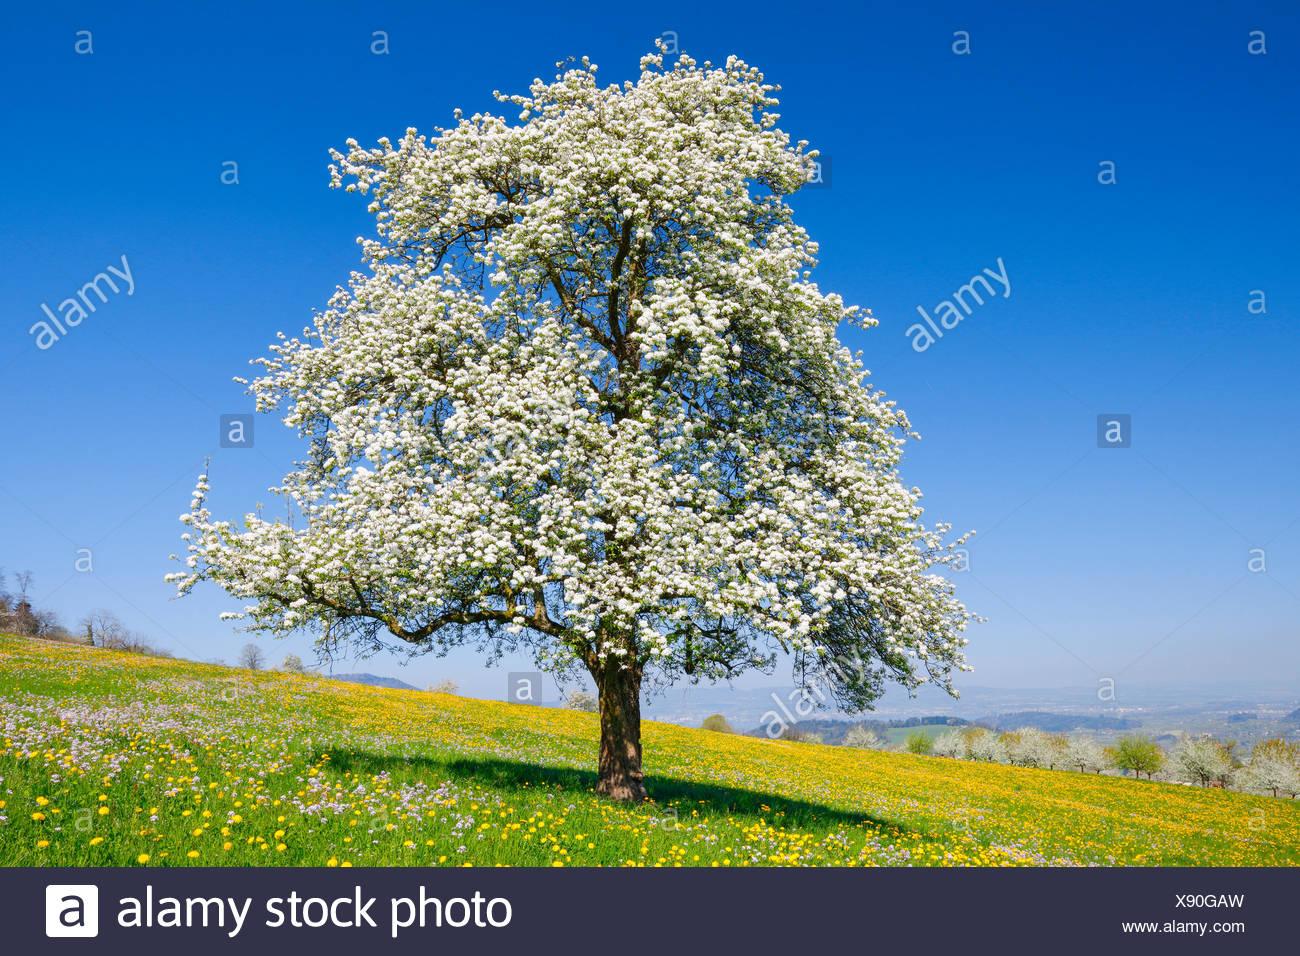 Blühender Birnbaum im Frühling, Schweiz - Stock Image